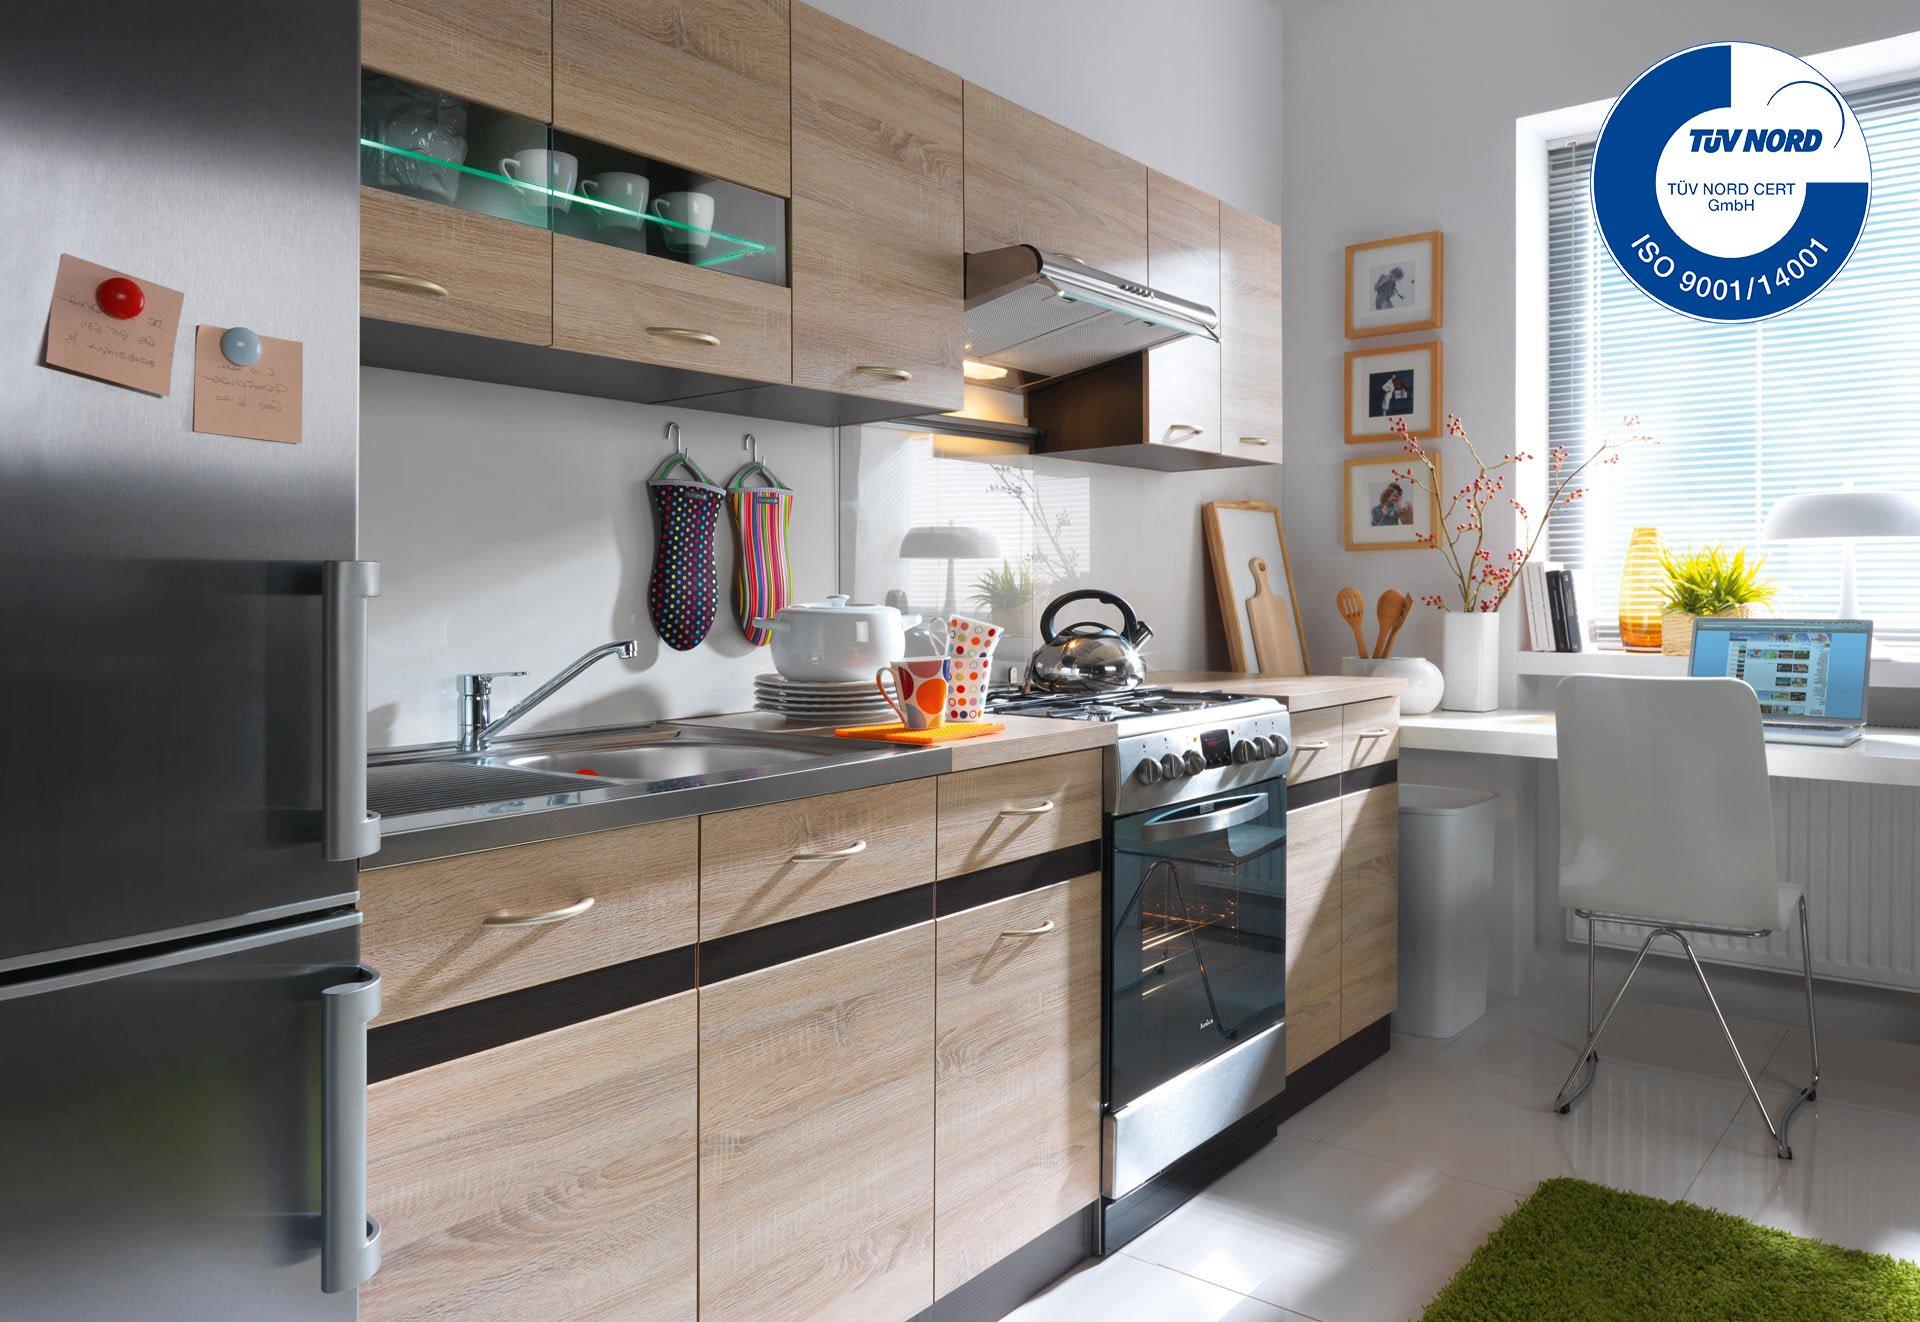 Full Size of Einbauküche Günstig Abzugeben Einbauküche Günstig Kaufen Einbauküche Günstig Roller Einbauküche Günstig Mit Elektrogeräten Küche Einbauküche Günstig